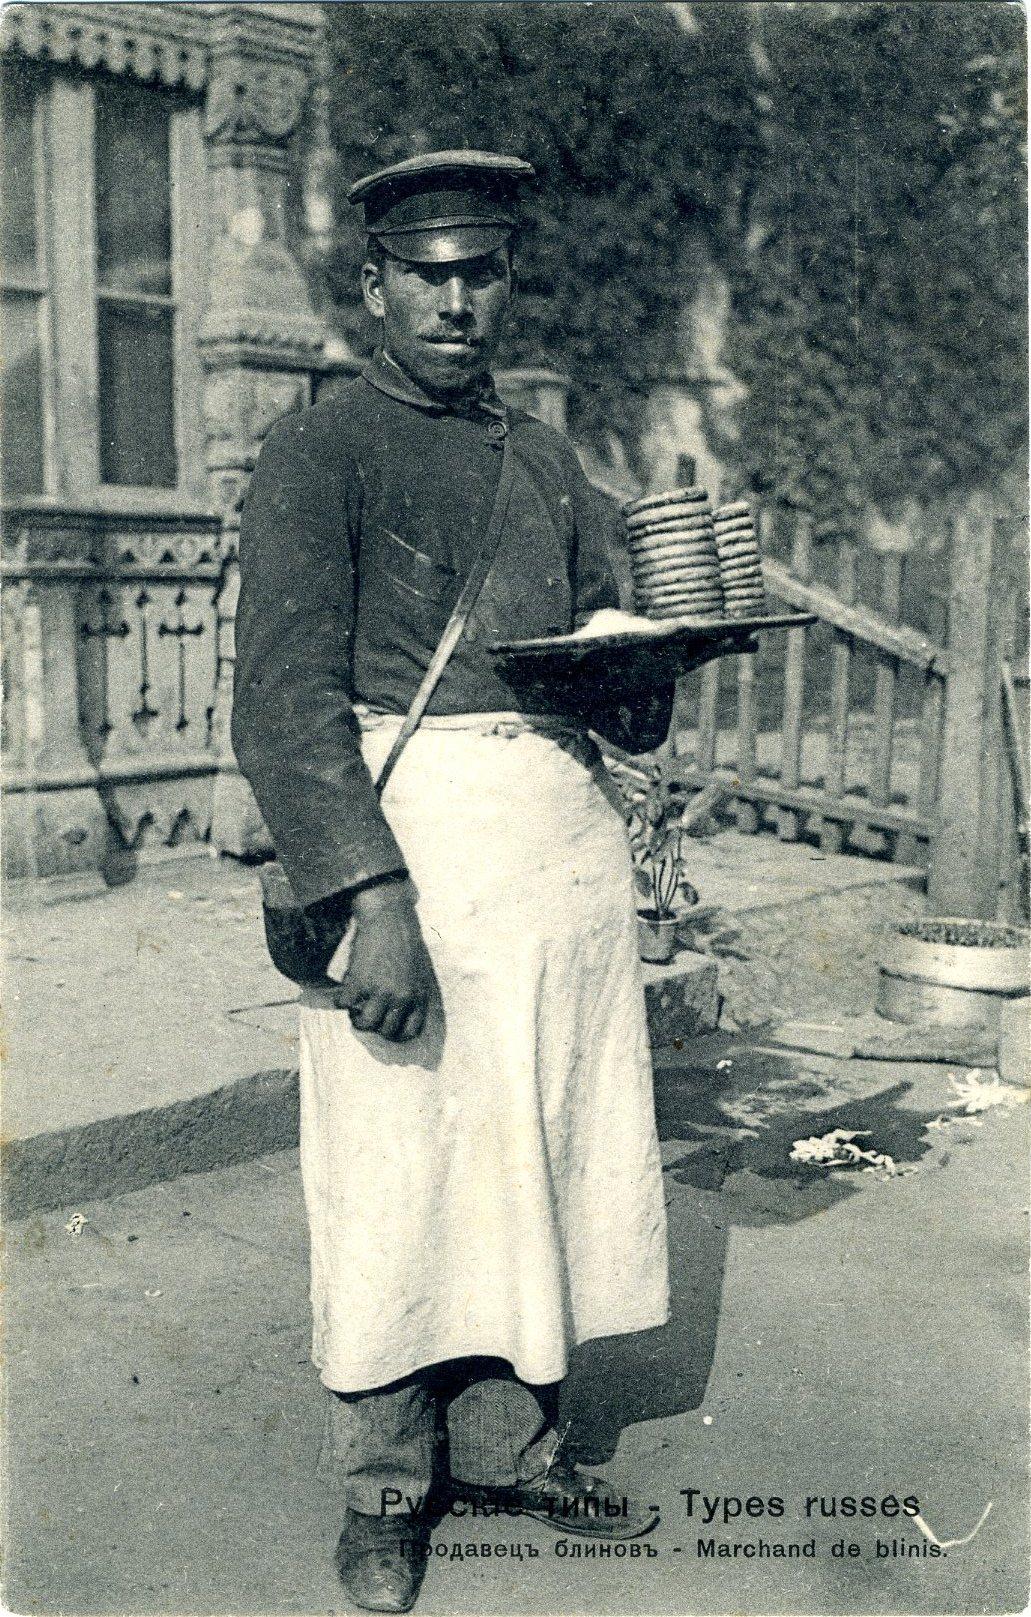 Продавец блинов